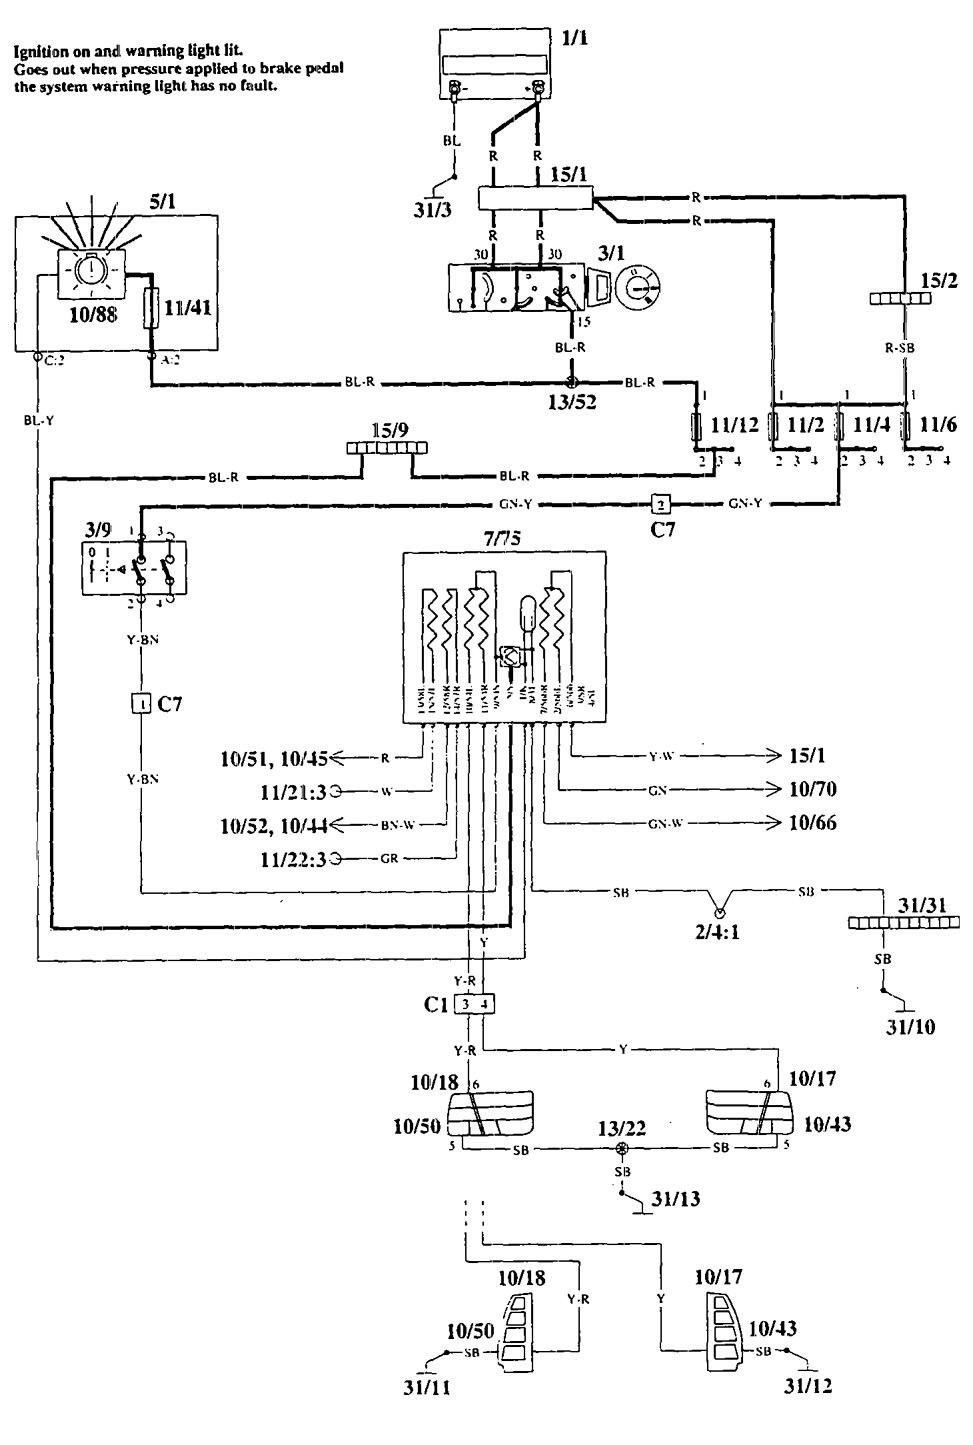 Volvo 940 Wiring Diagram 1995: Volvo 940 (1995) u2013 wiring diagrams u2013 warning indicators u2013 CARKNOWLEDGErh:carknowledge.info,Design